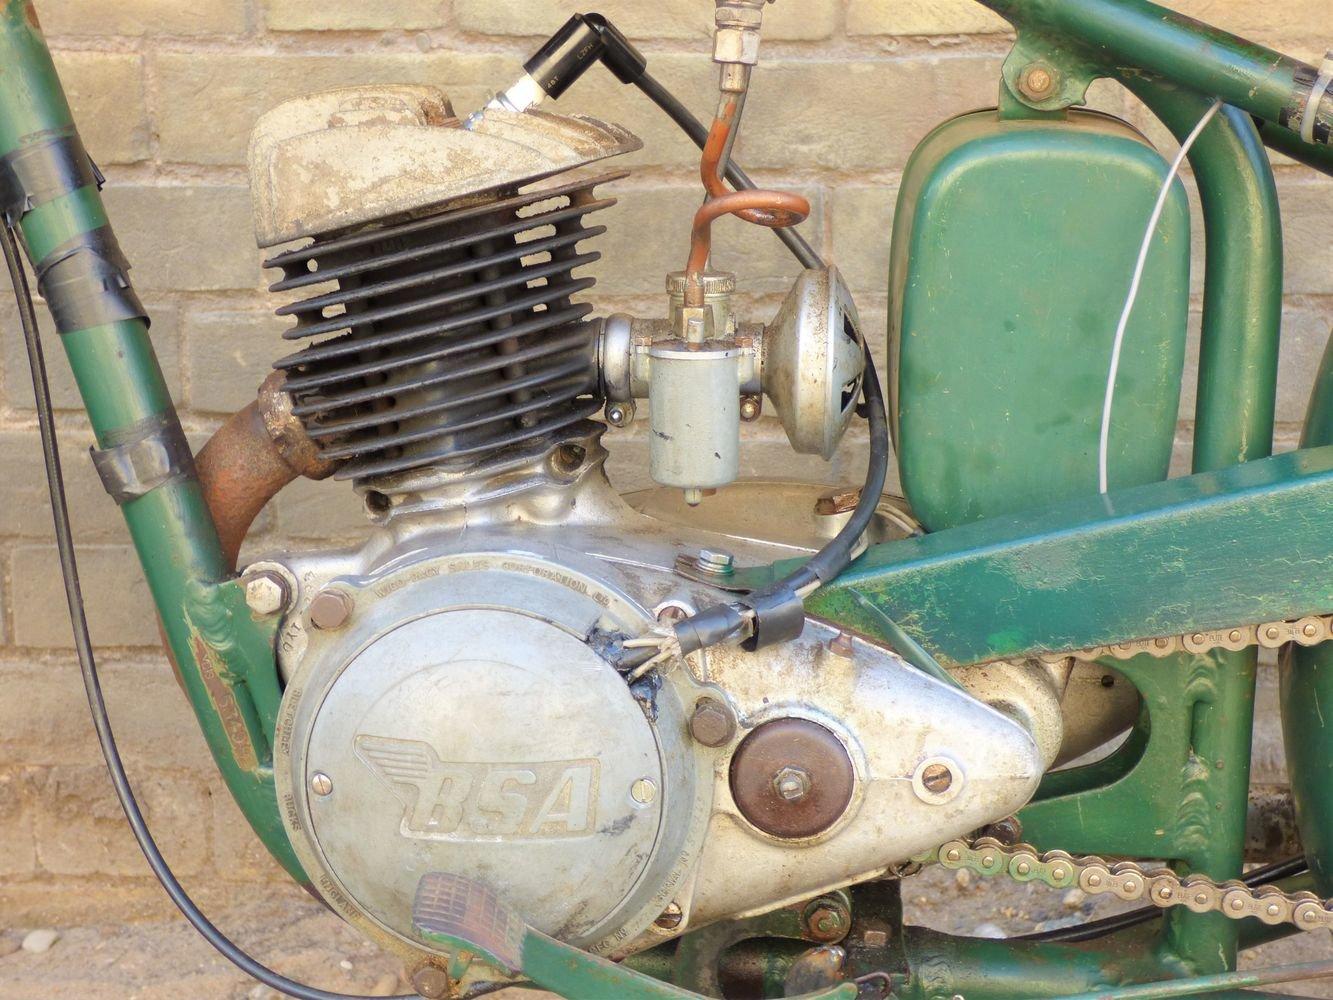 1951 BSA Bantam D1 125cc SOLD (picture 4 of 6)